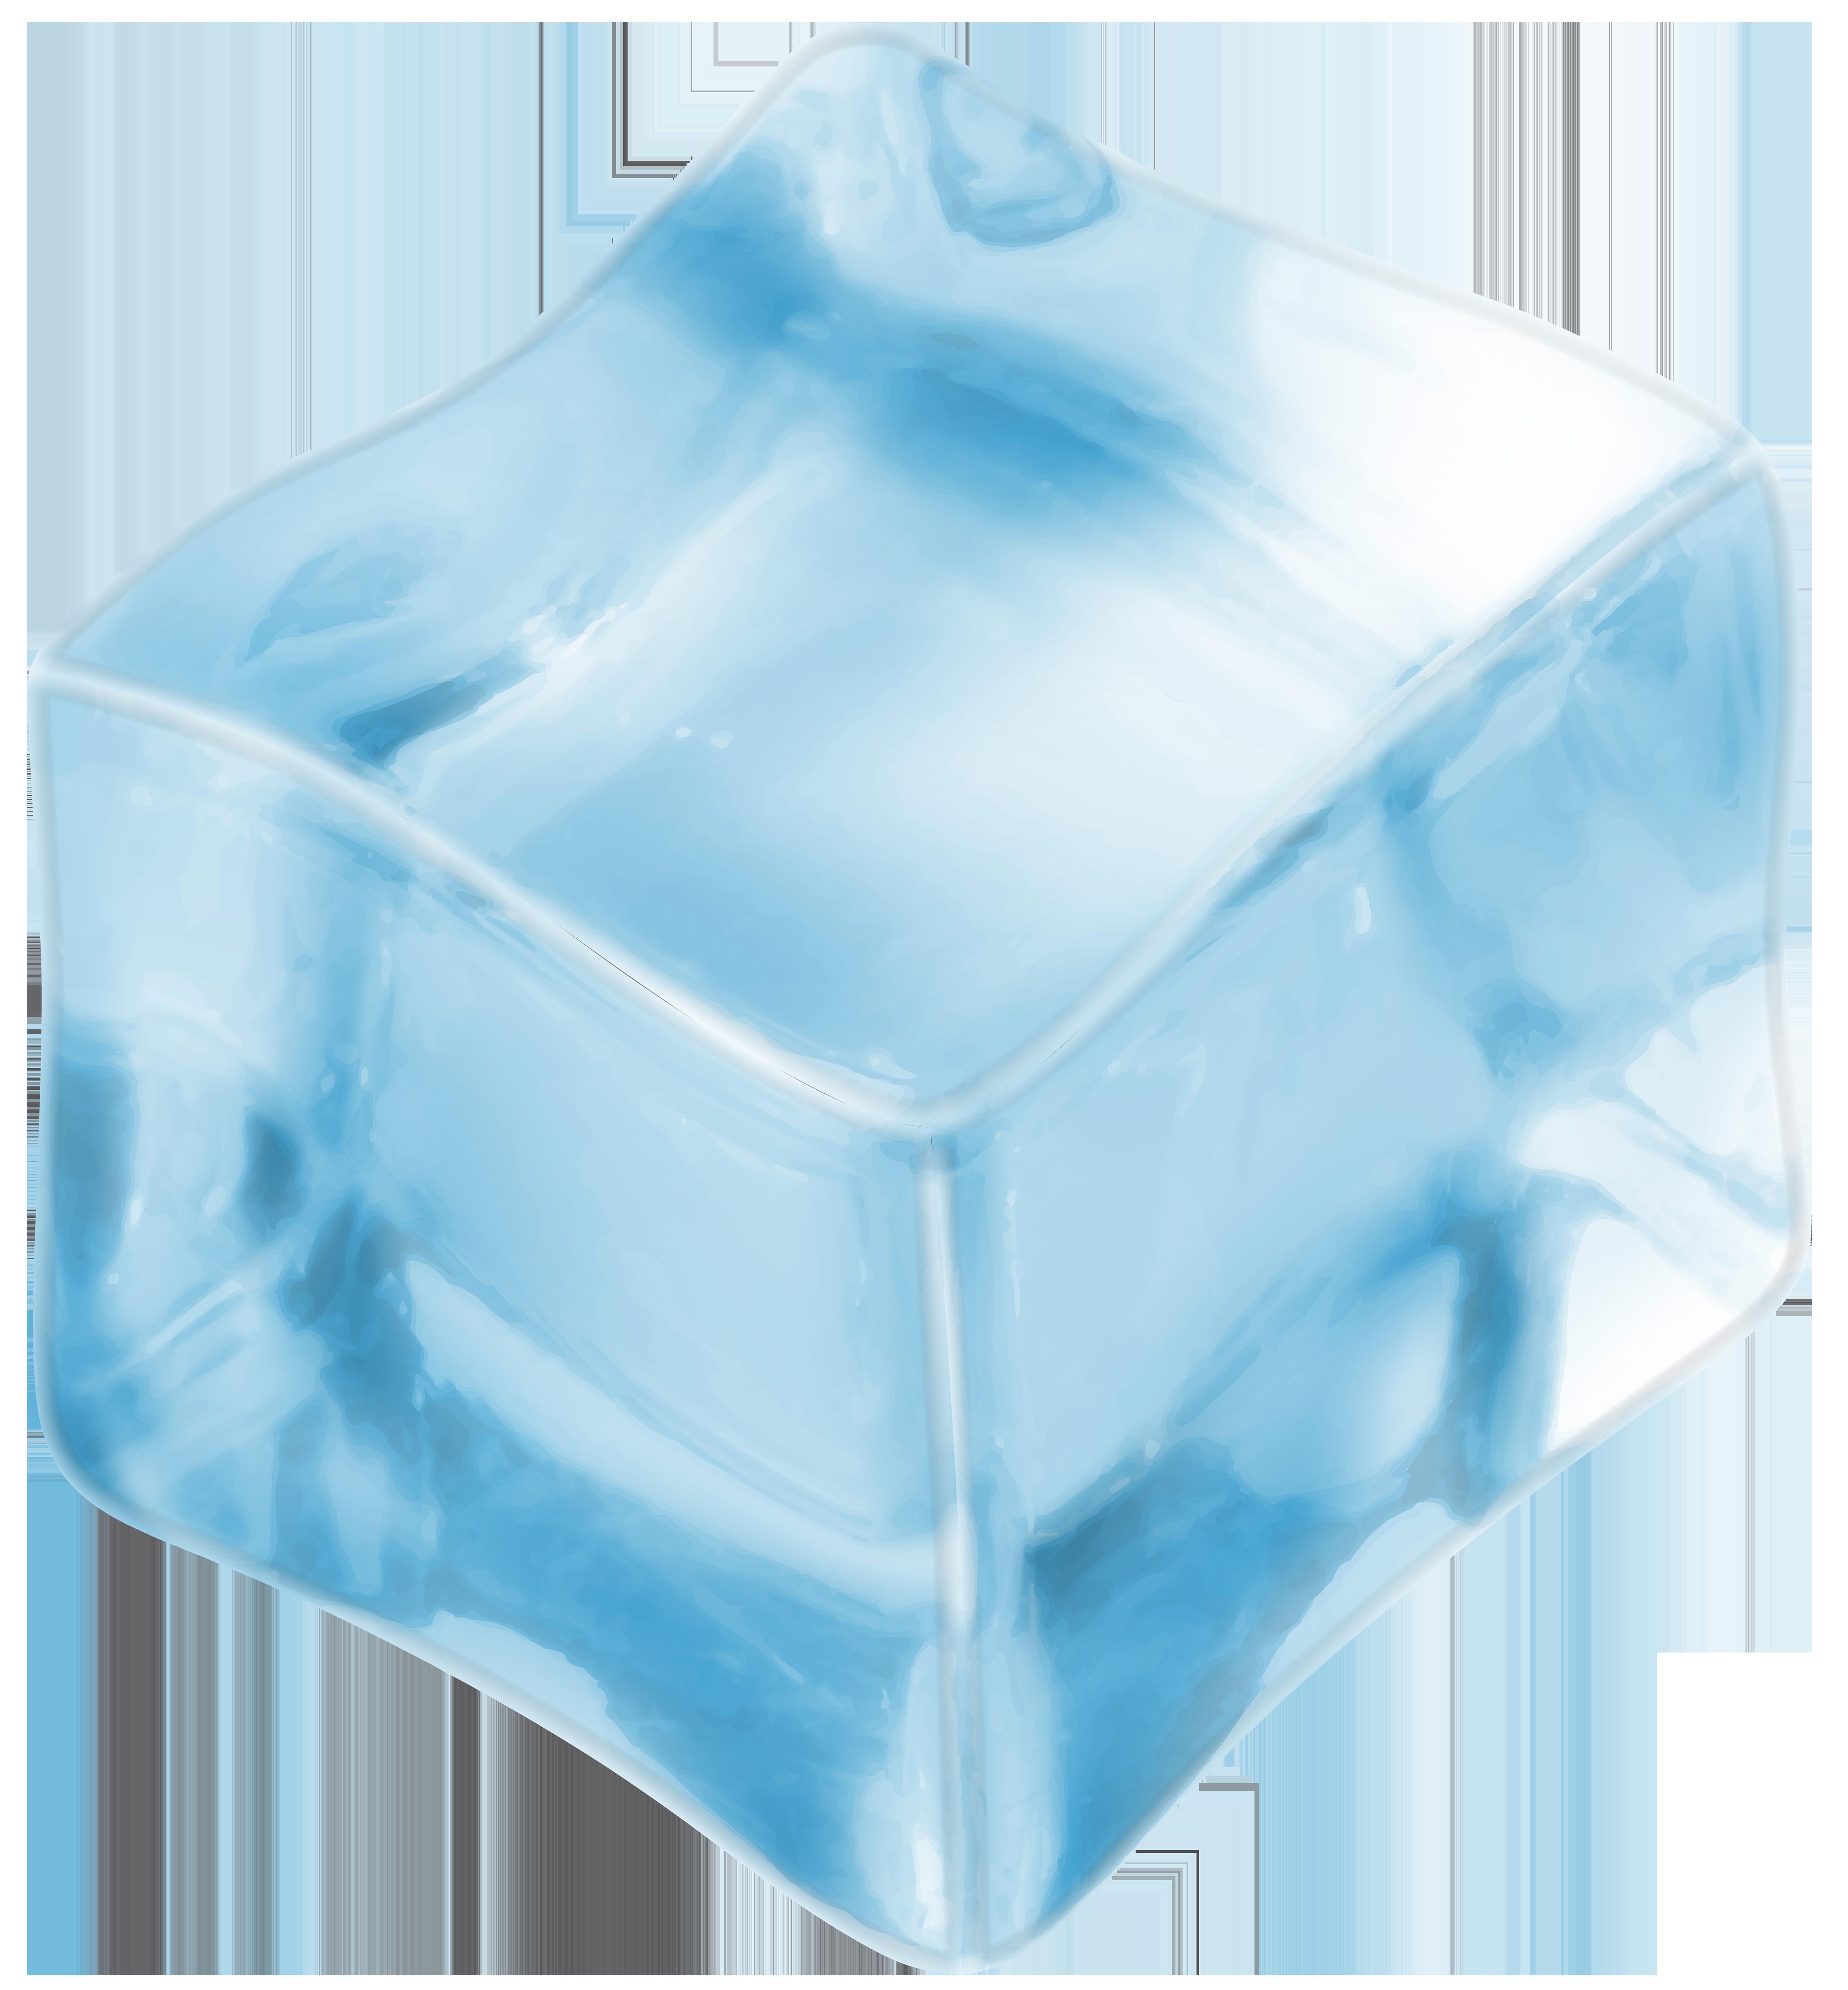 Cube png clipar best. Ice clipart